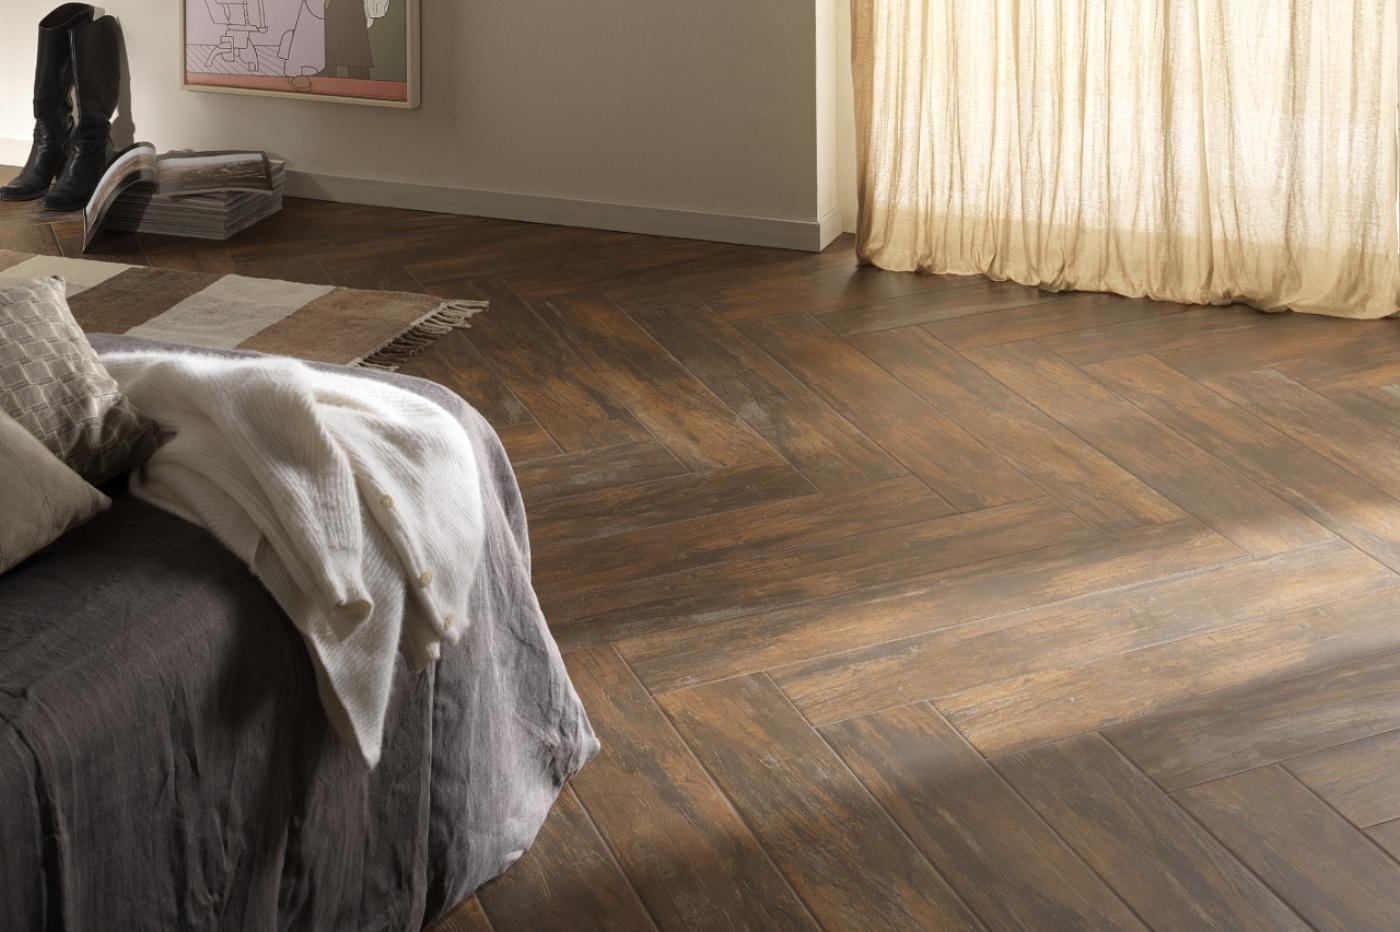 Serenissima cir industrie ceramiche spa timber 15x90